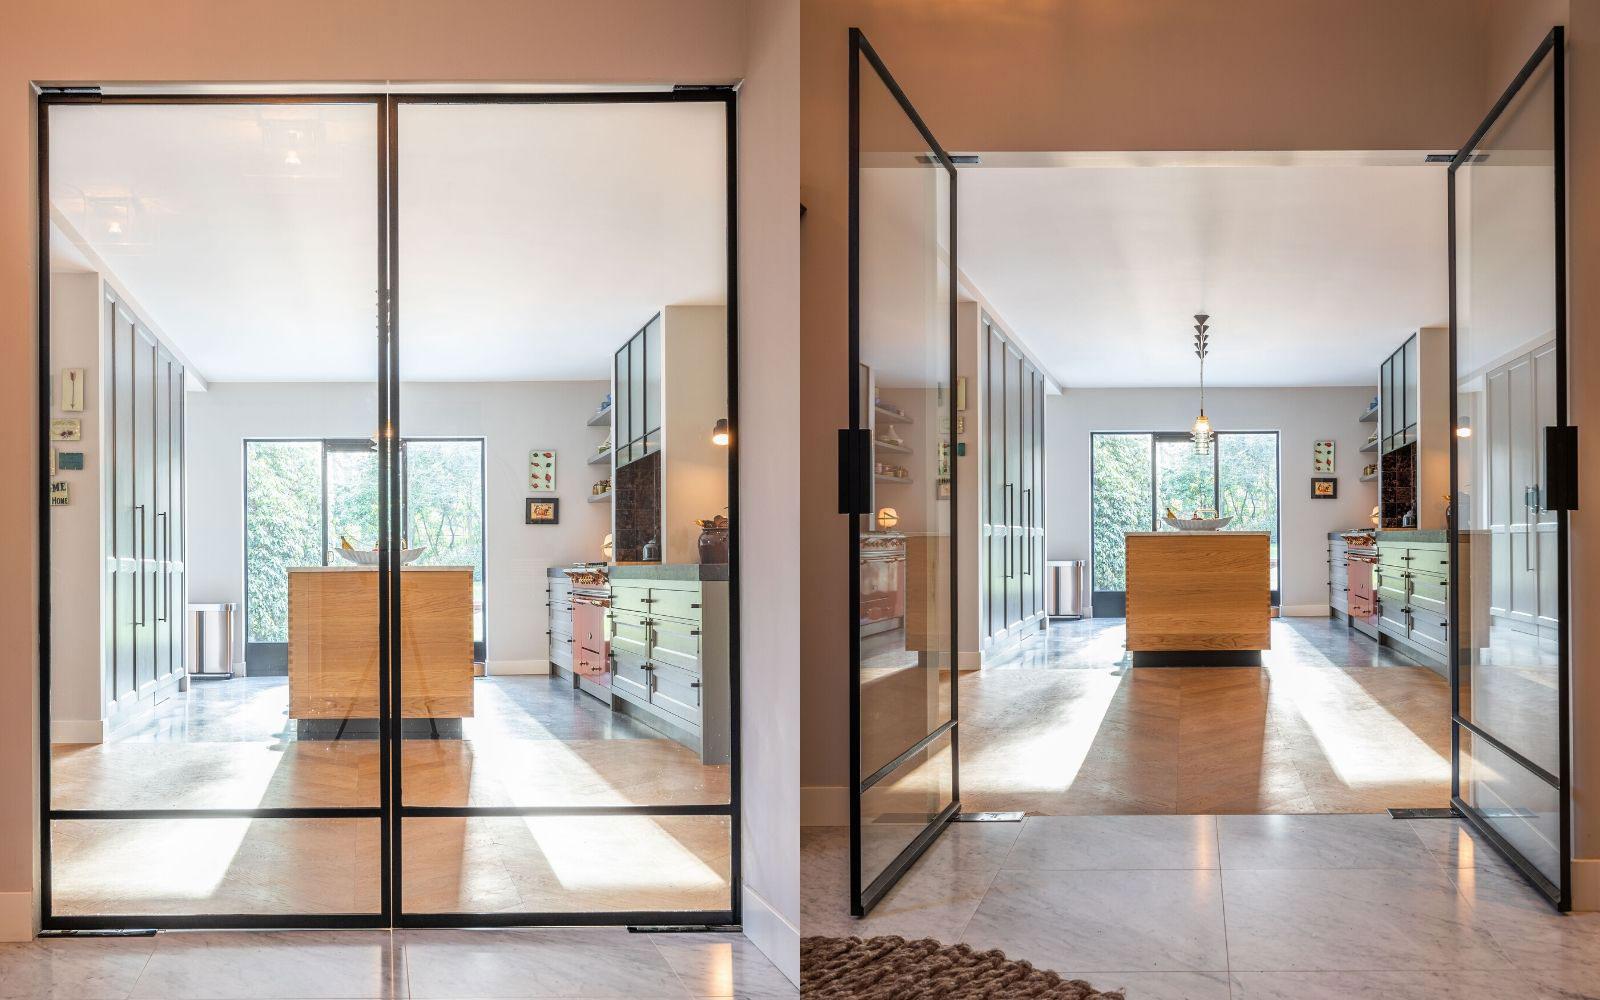 Dubbele deur, StalenDeurenHuys, Stalen deuren, Modern, Interieur